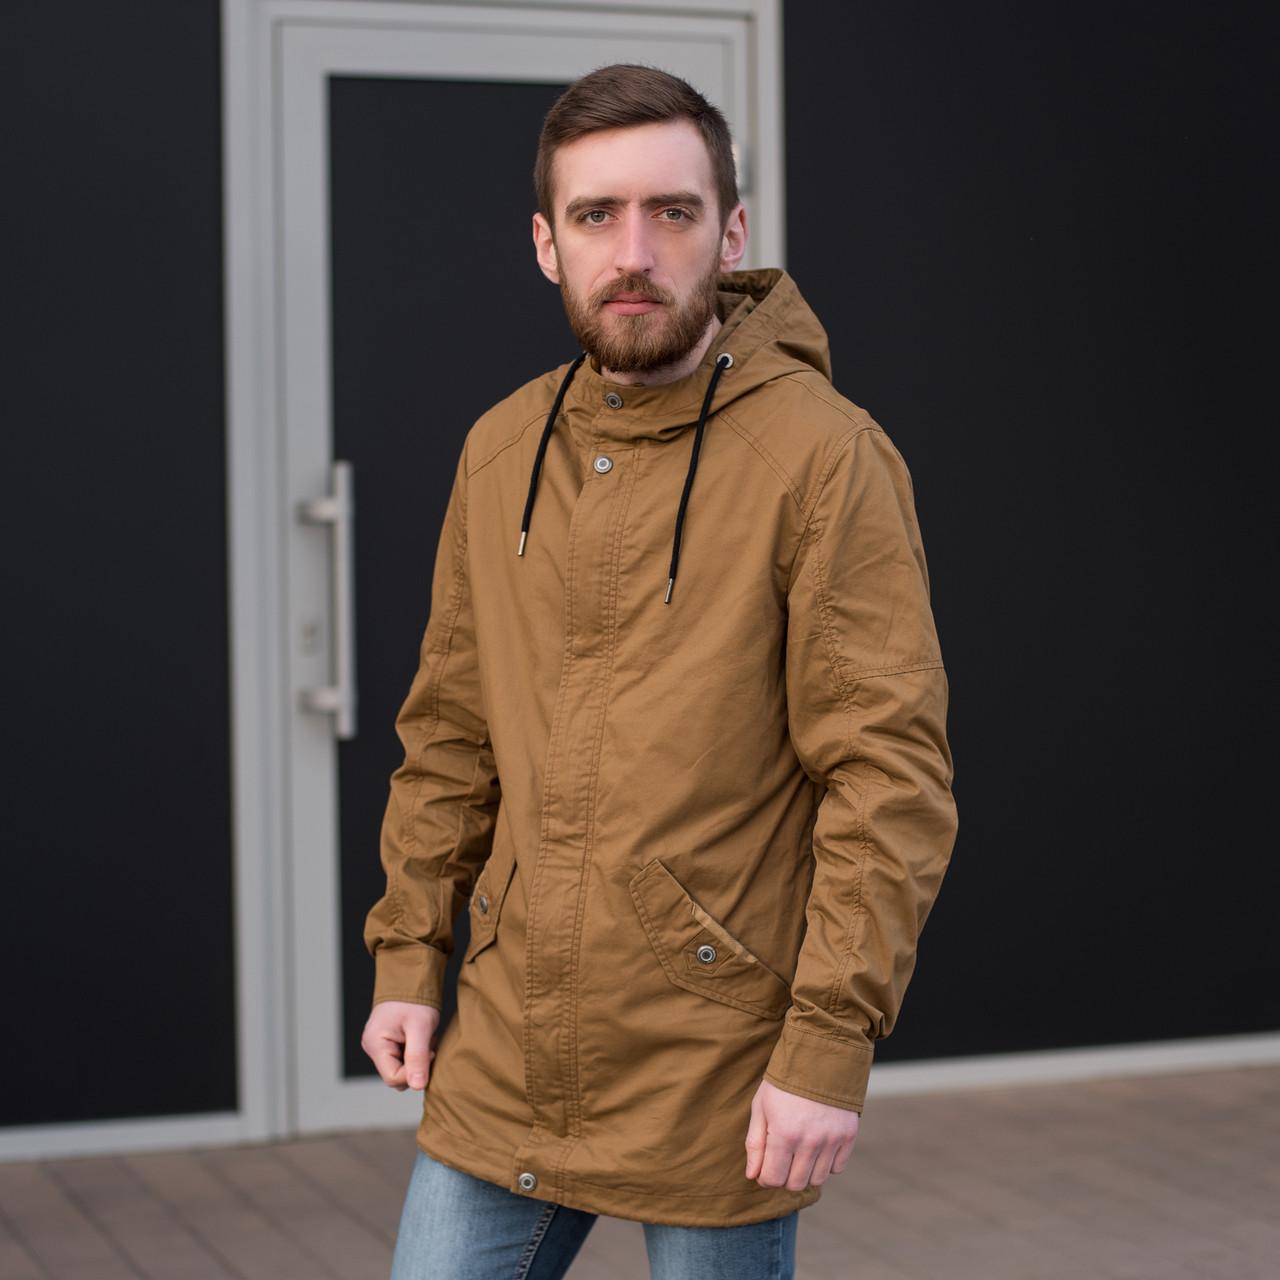 Чоловіча куртка (вітрівка), коричневого кольору.